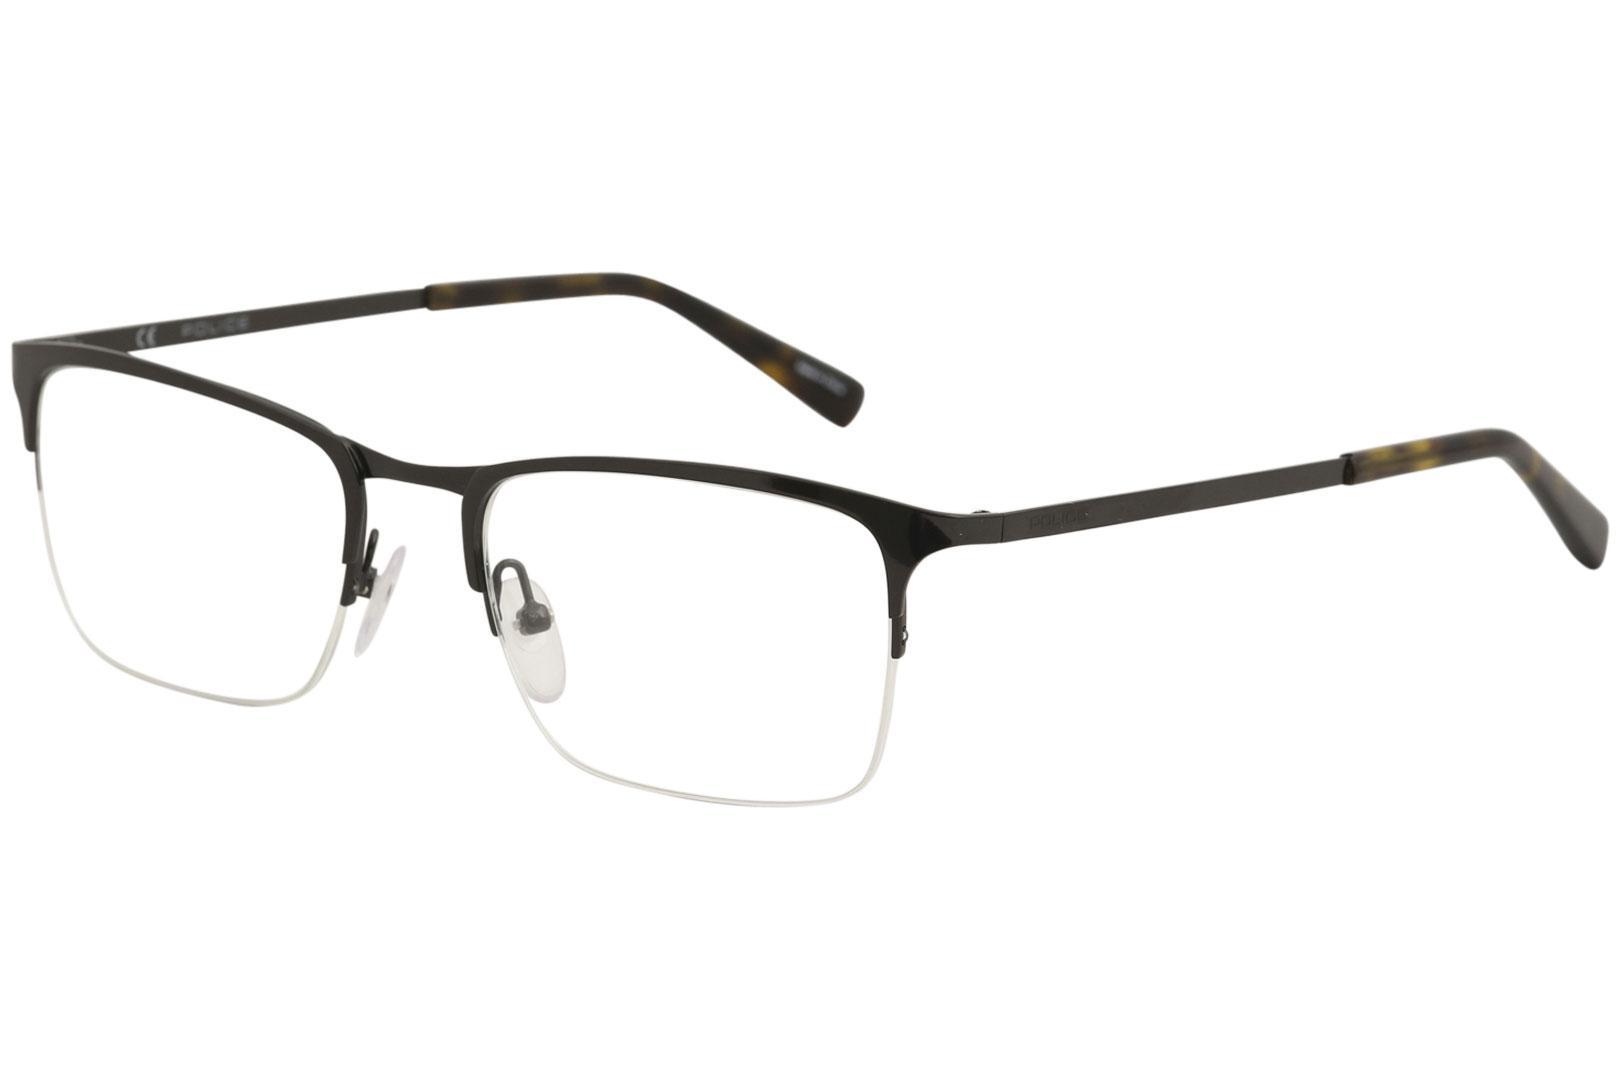 4dd2849cef77 Police Men's Eyeglasses Invisible 1 VPL138 VPL/138 Half Rim Optical Frame  by Police. 12345